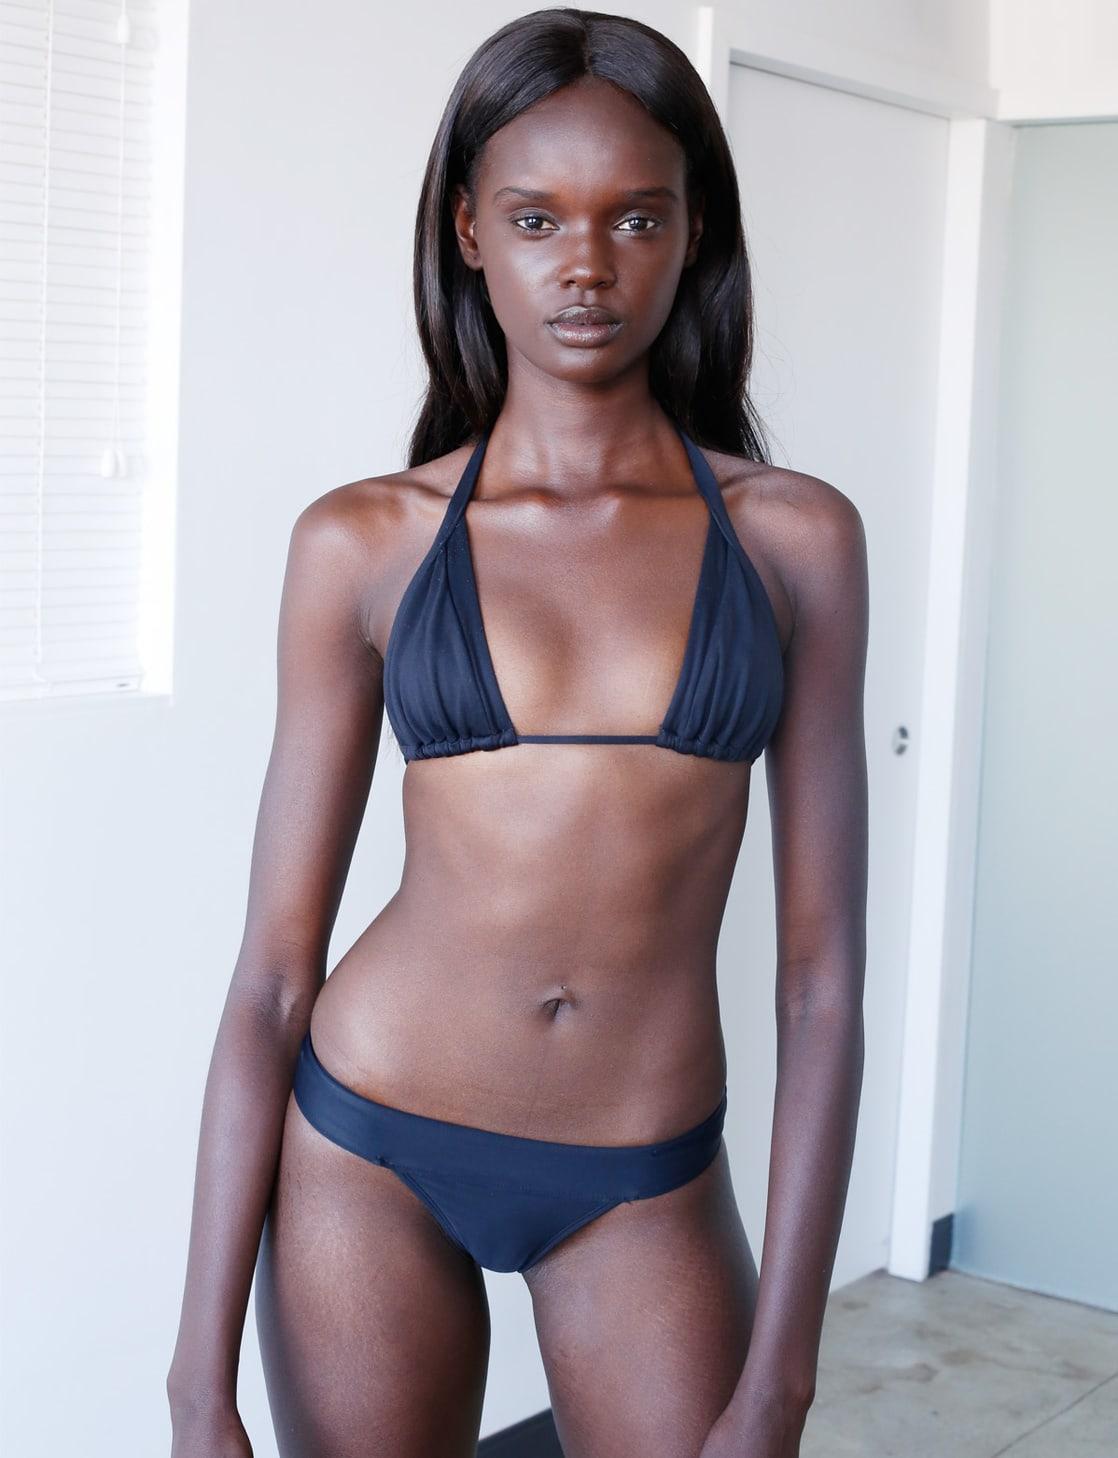 Bikini Nyadak Thot nudes (53 images), Pussy